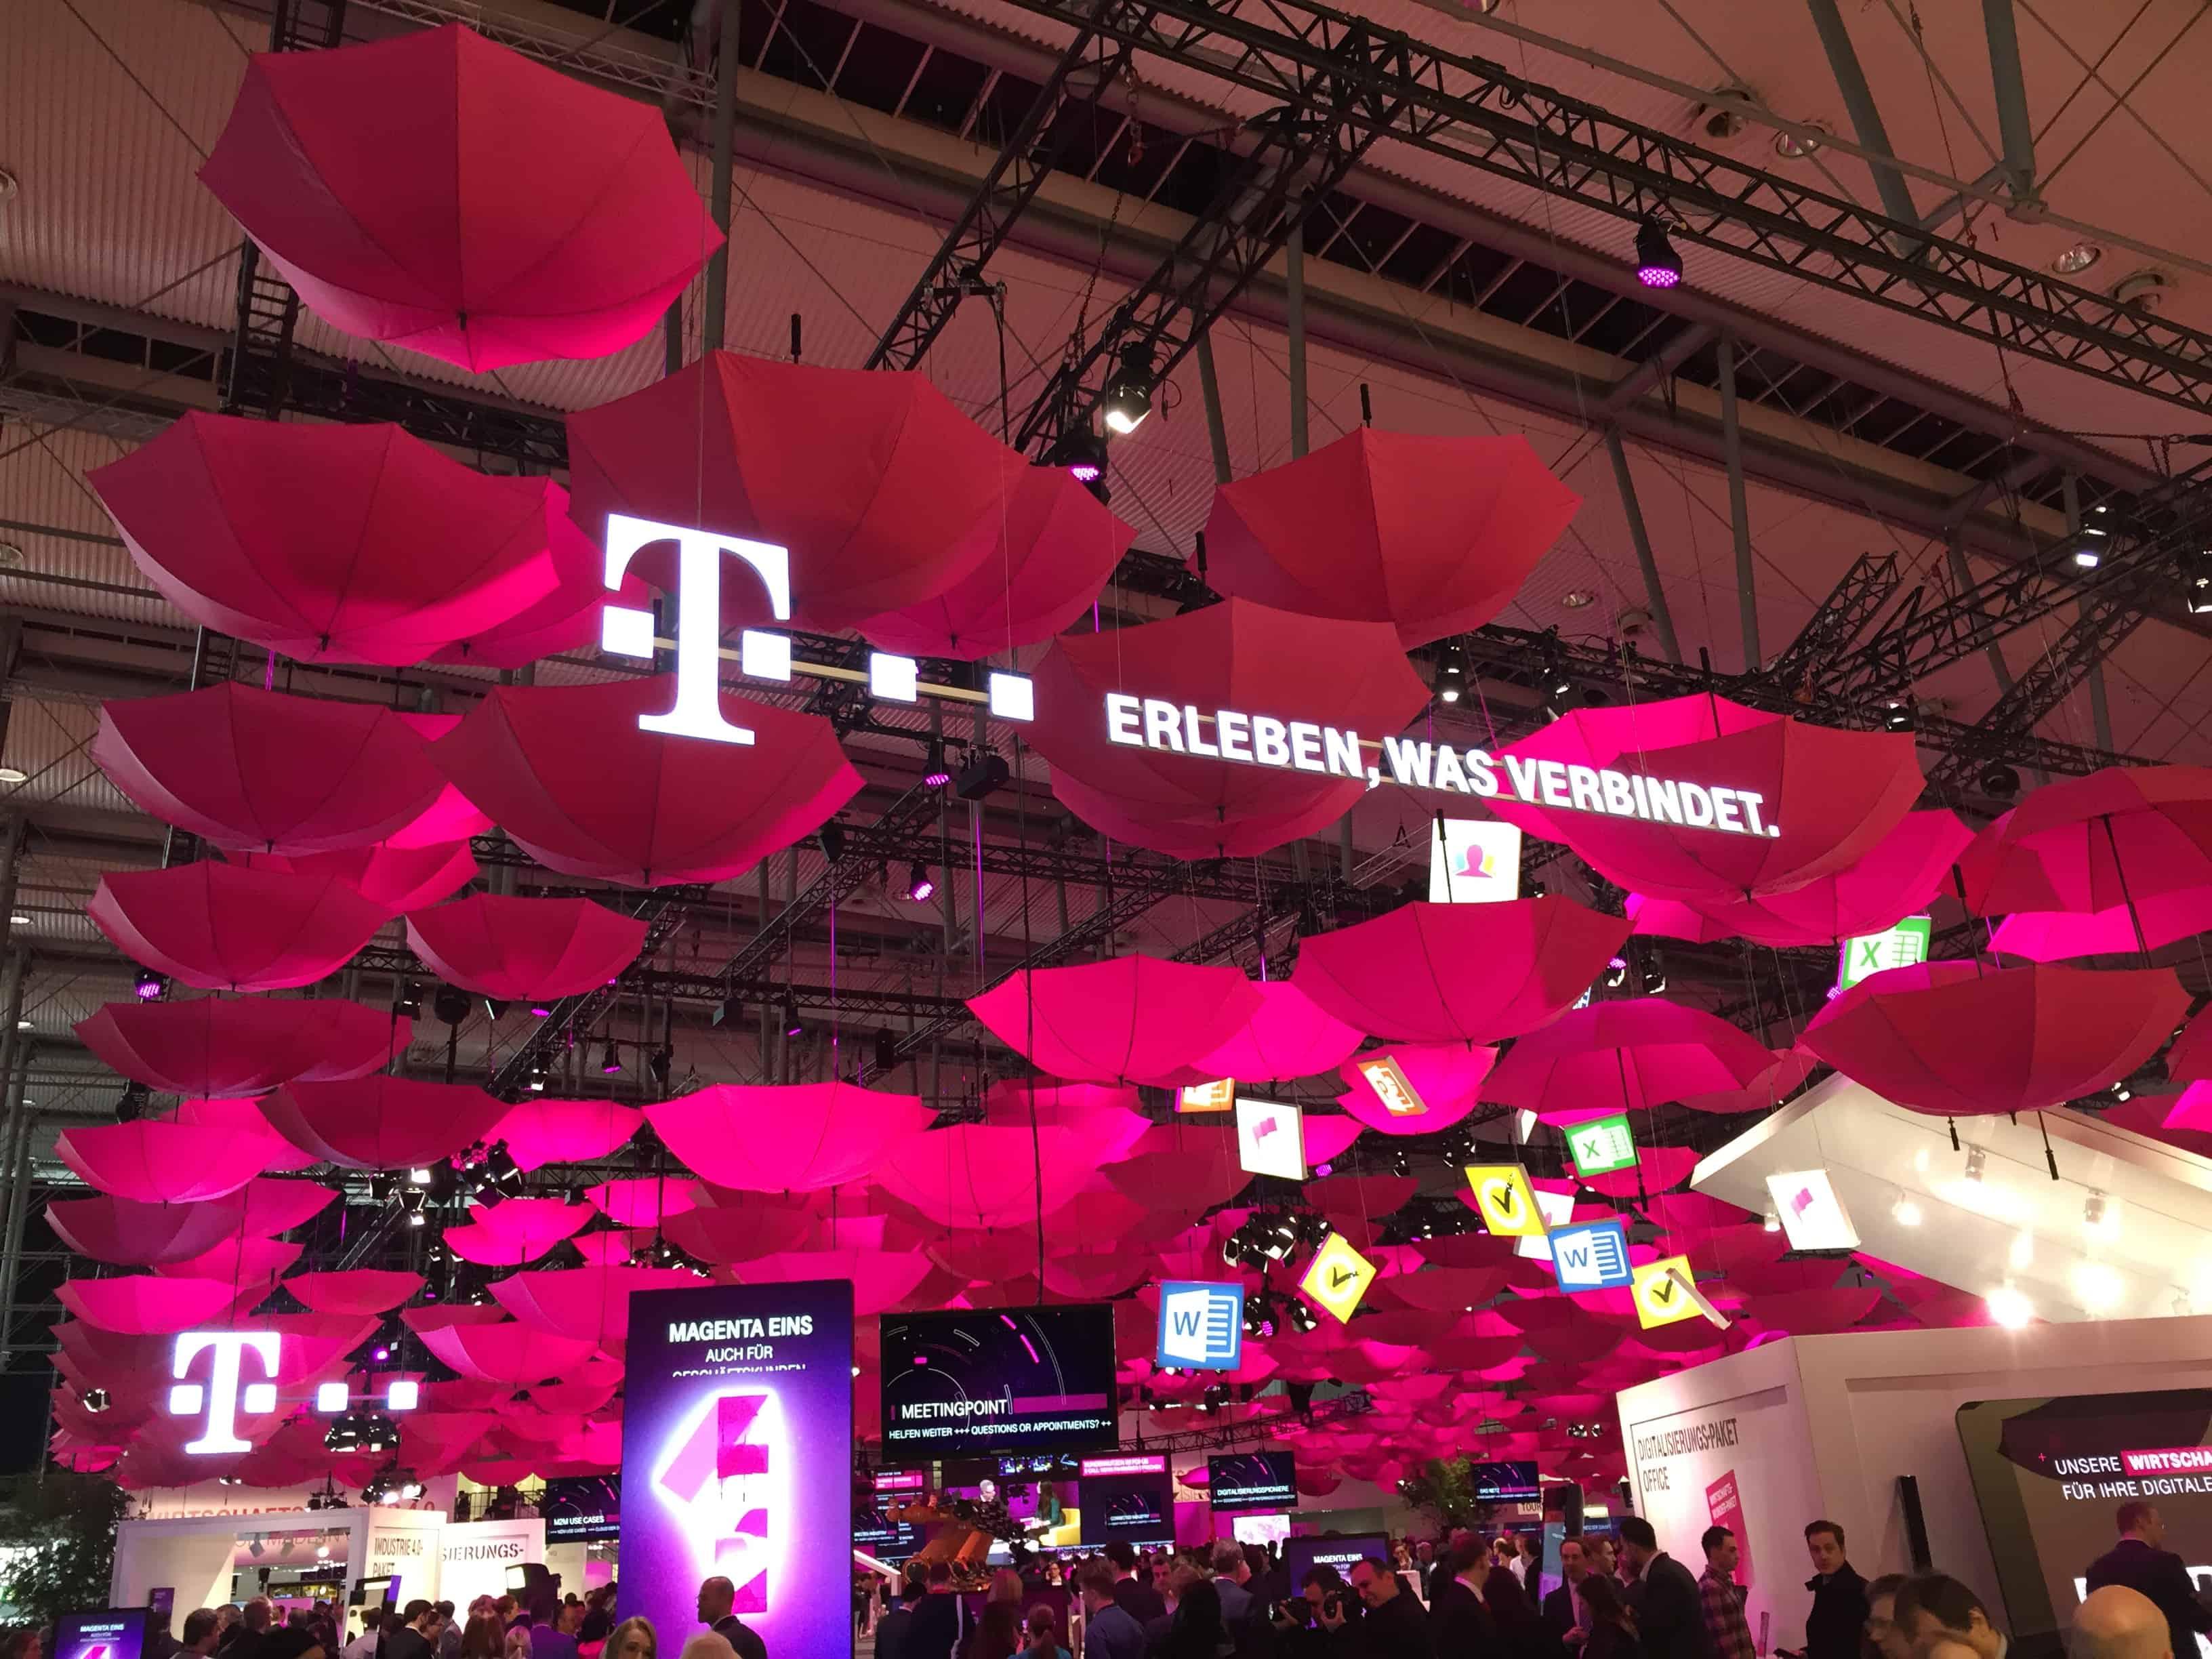 Stand der deutschen Telekom